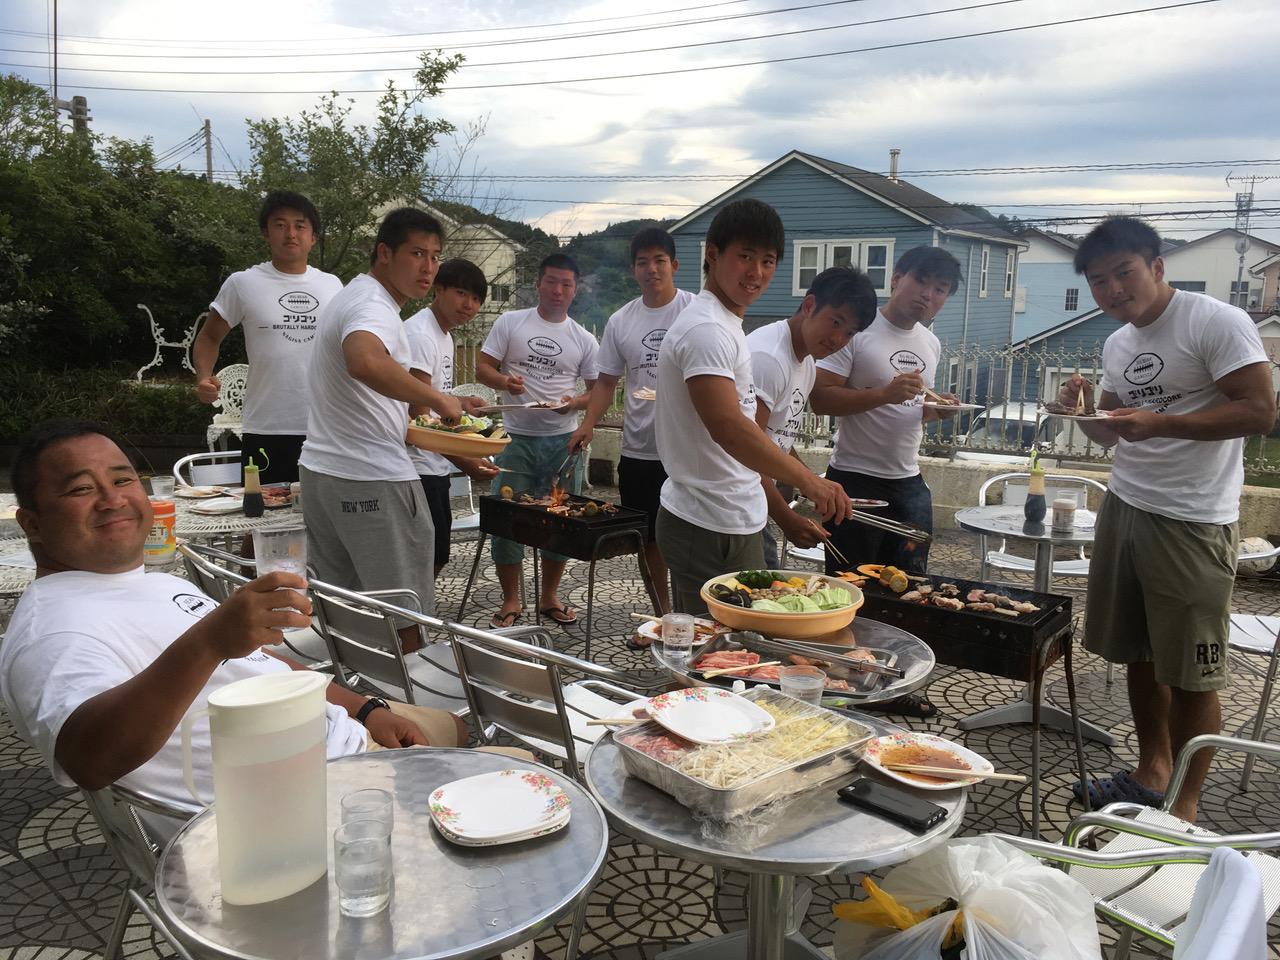 多聞コーチが主催した合宿練習での佐藤選手(中央)と元山選手(右端)